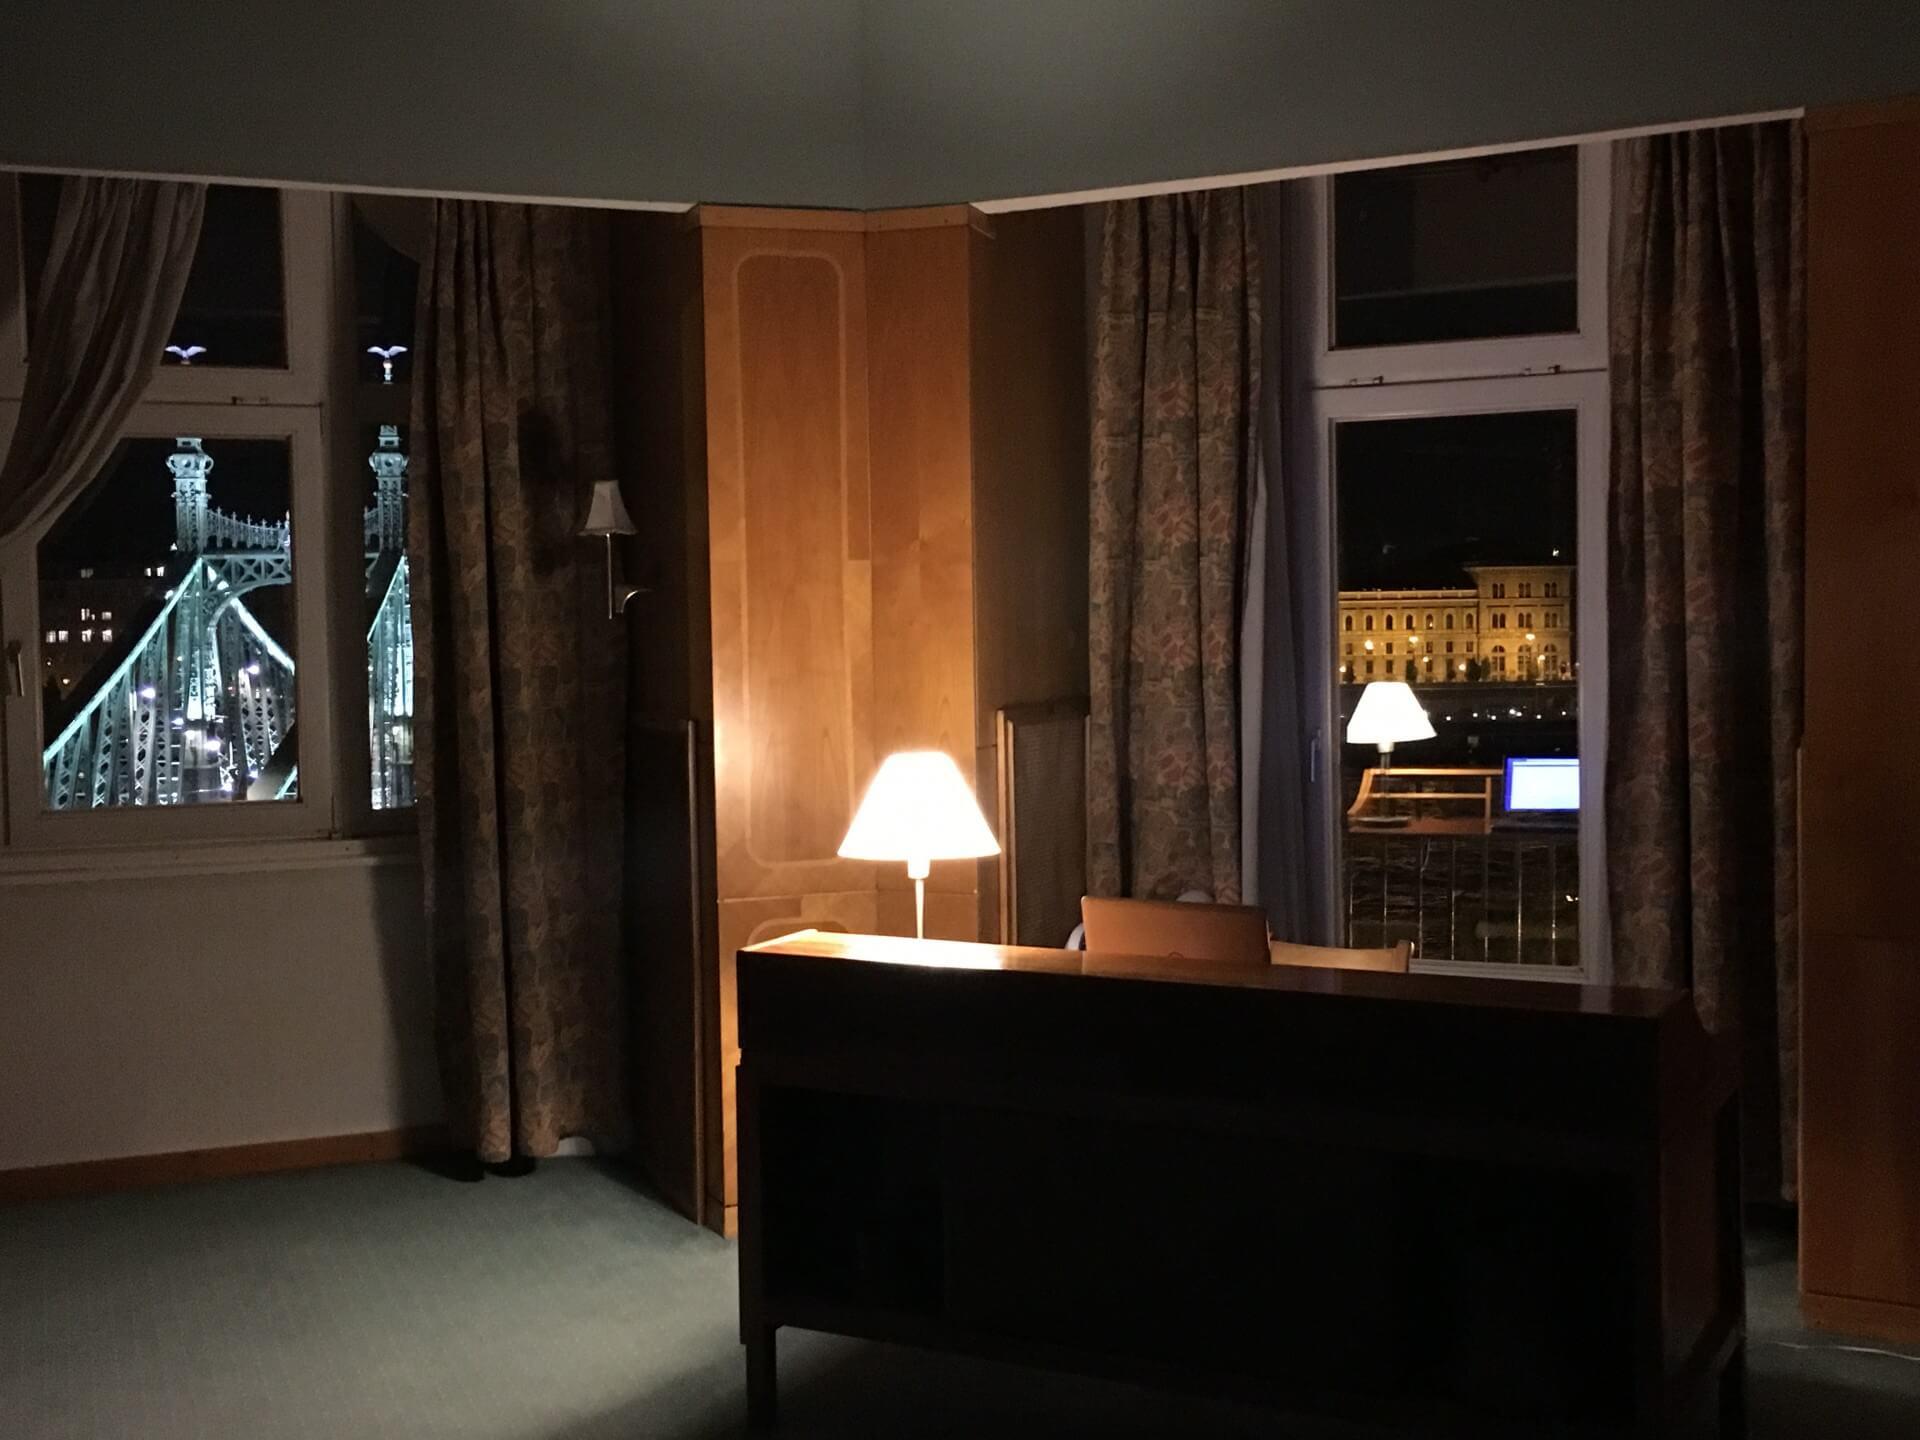 Zimmer mit Ausblick im Hotel Gellért Budapest